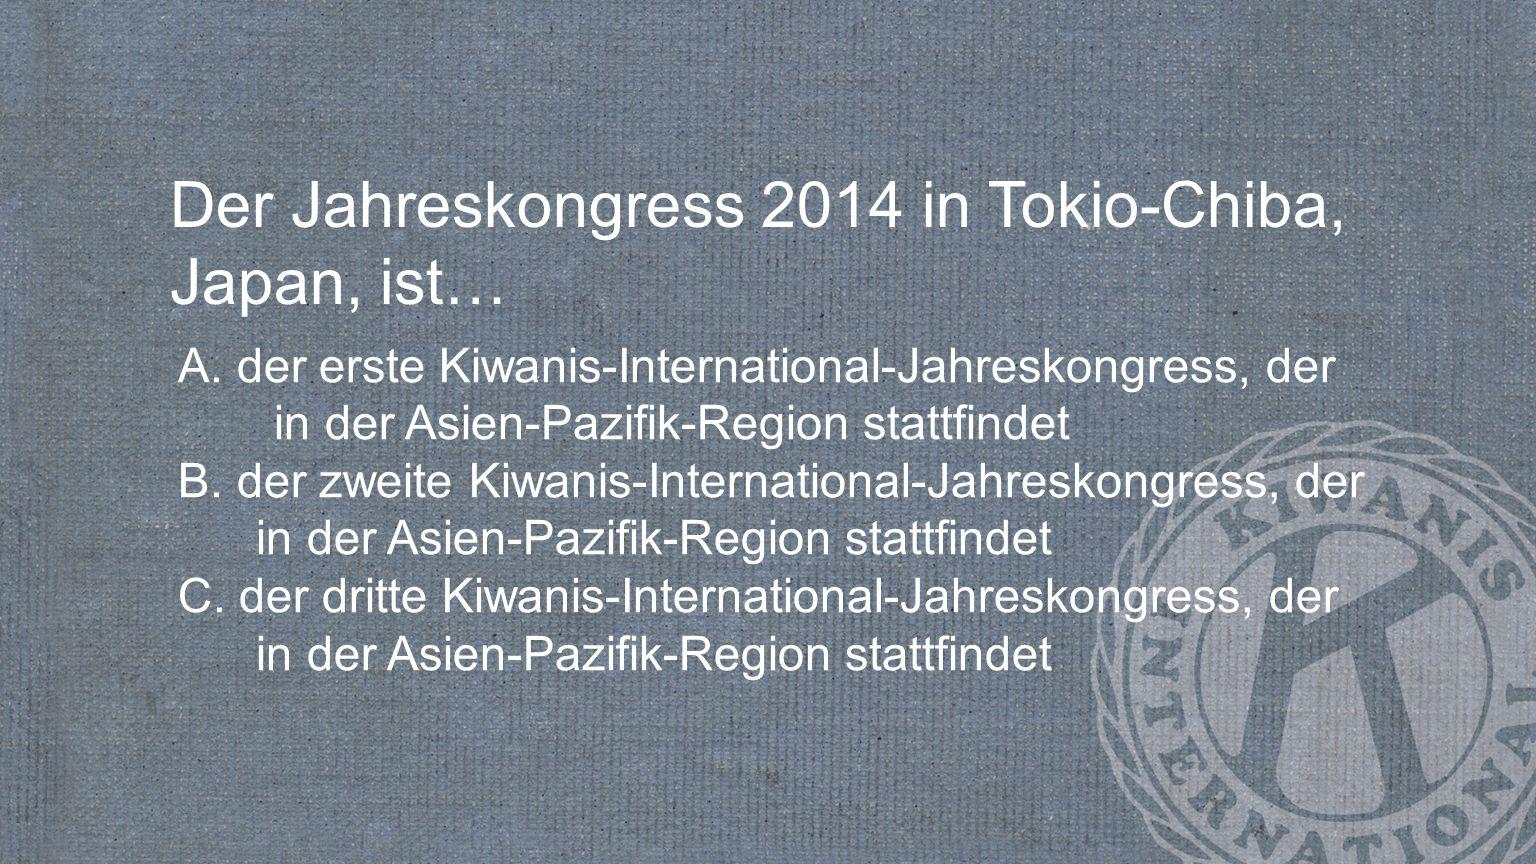 Der Jahreskongress 2014 in Tokio-Chiba, Japan, ist… A. der erste Kiwanis-International-Jahreskongress, der in der Asien-Pazifik-Region stattfindet B.